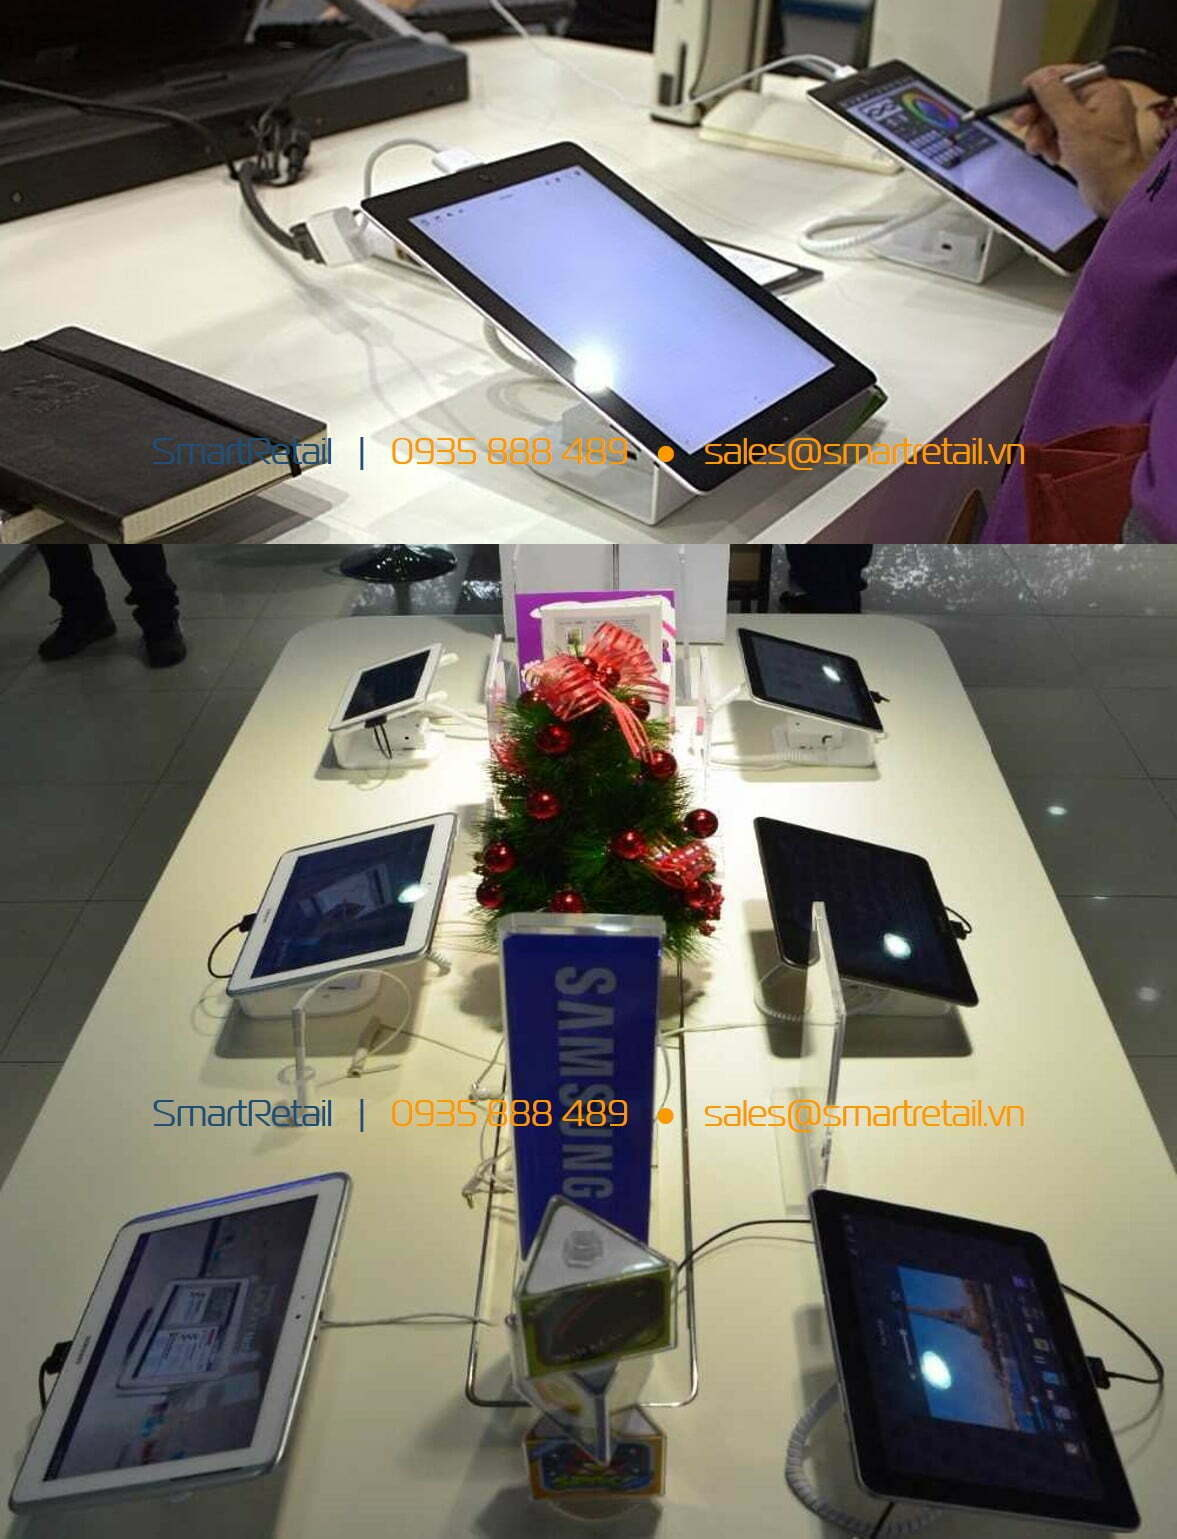 Chống trộm trưng bày tablet